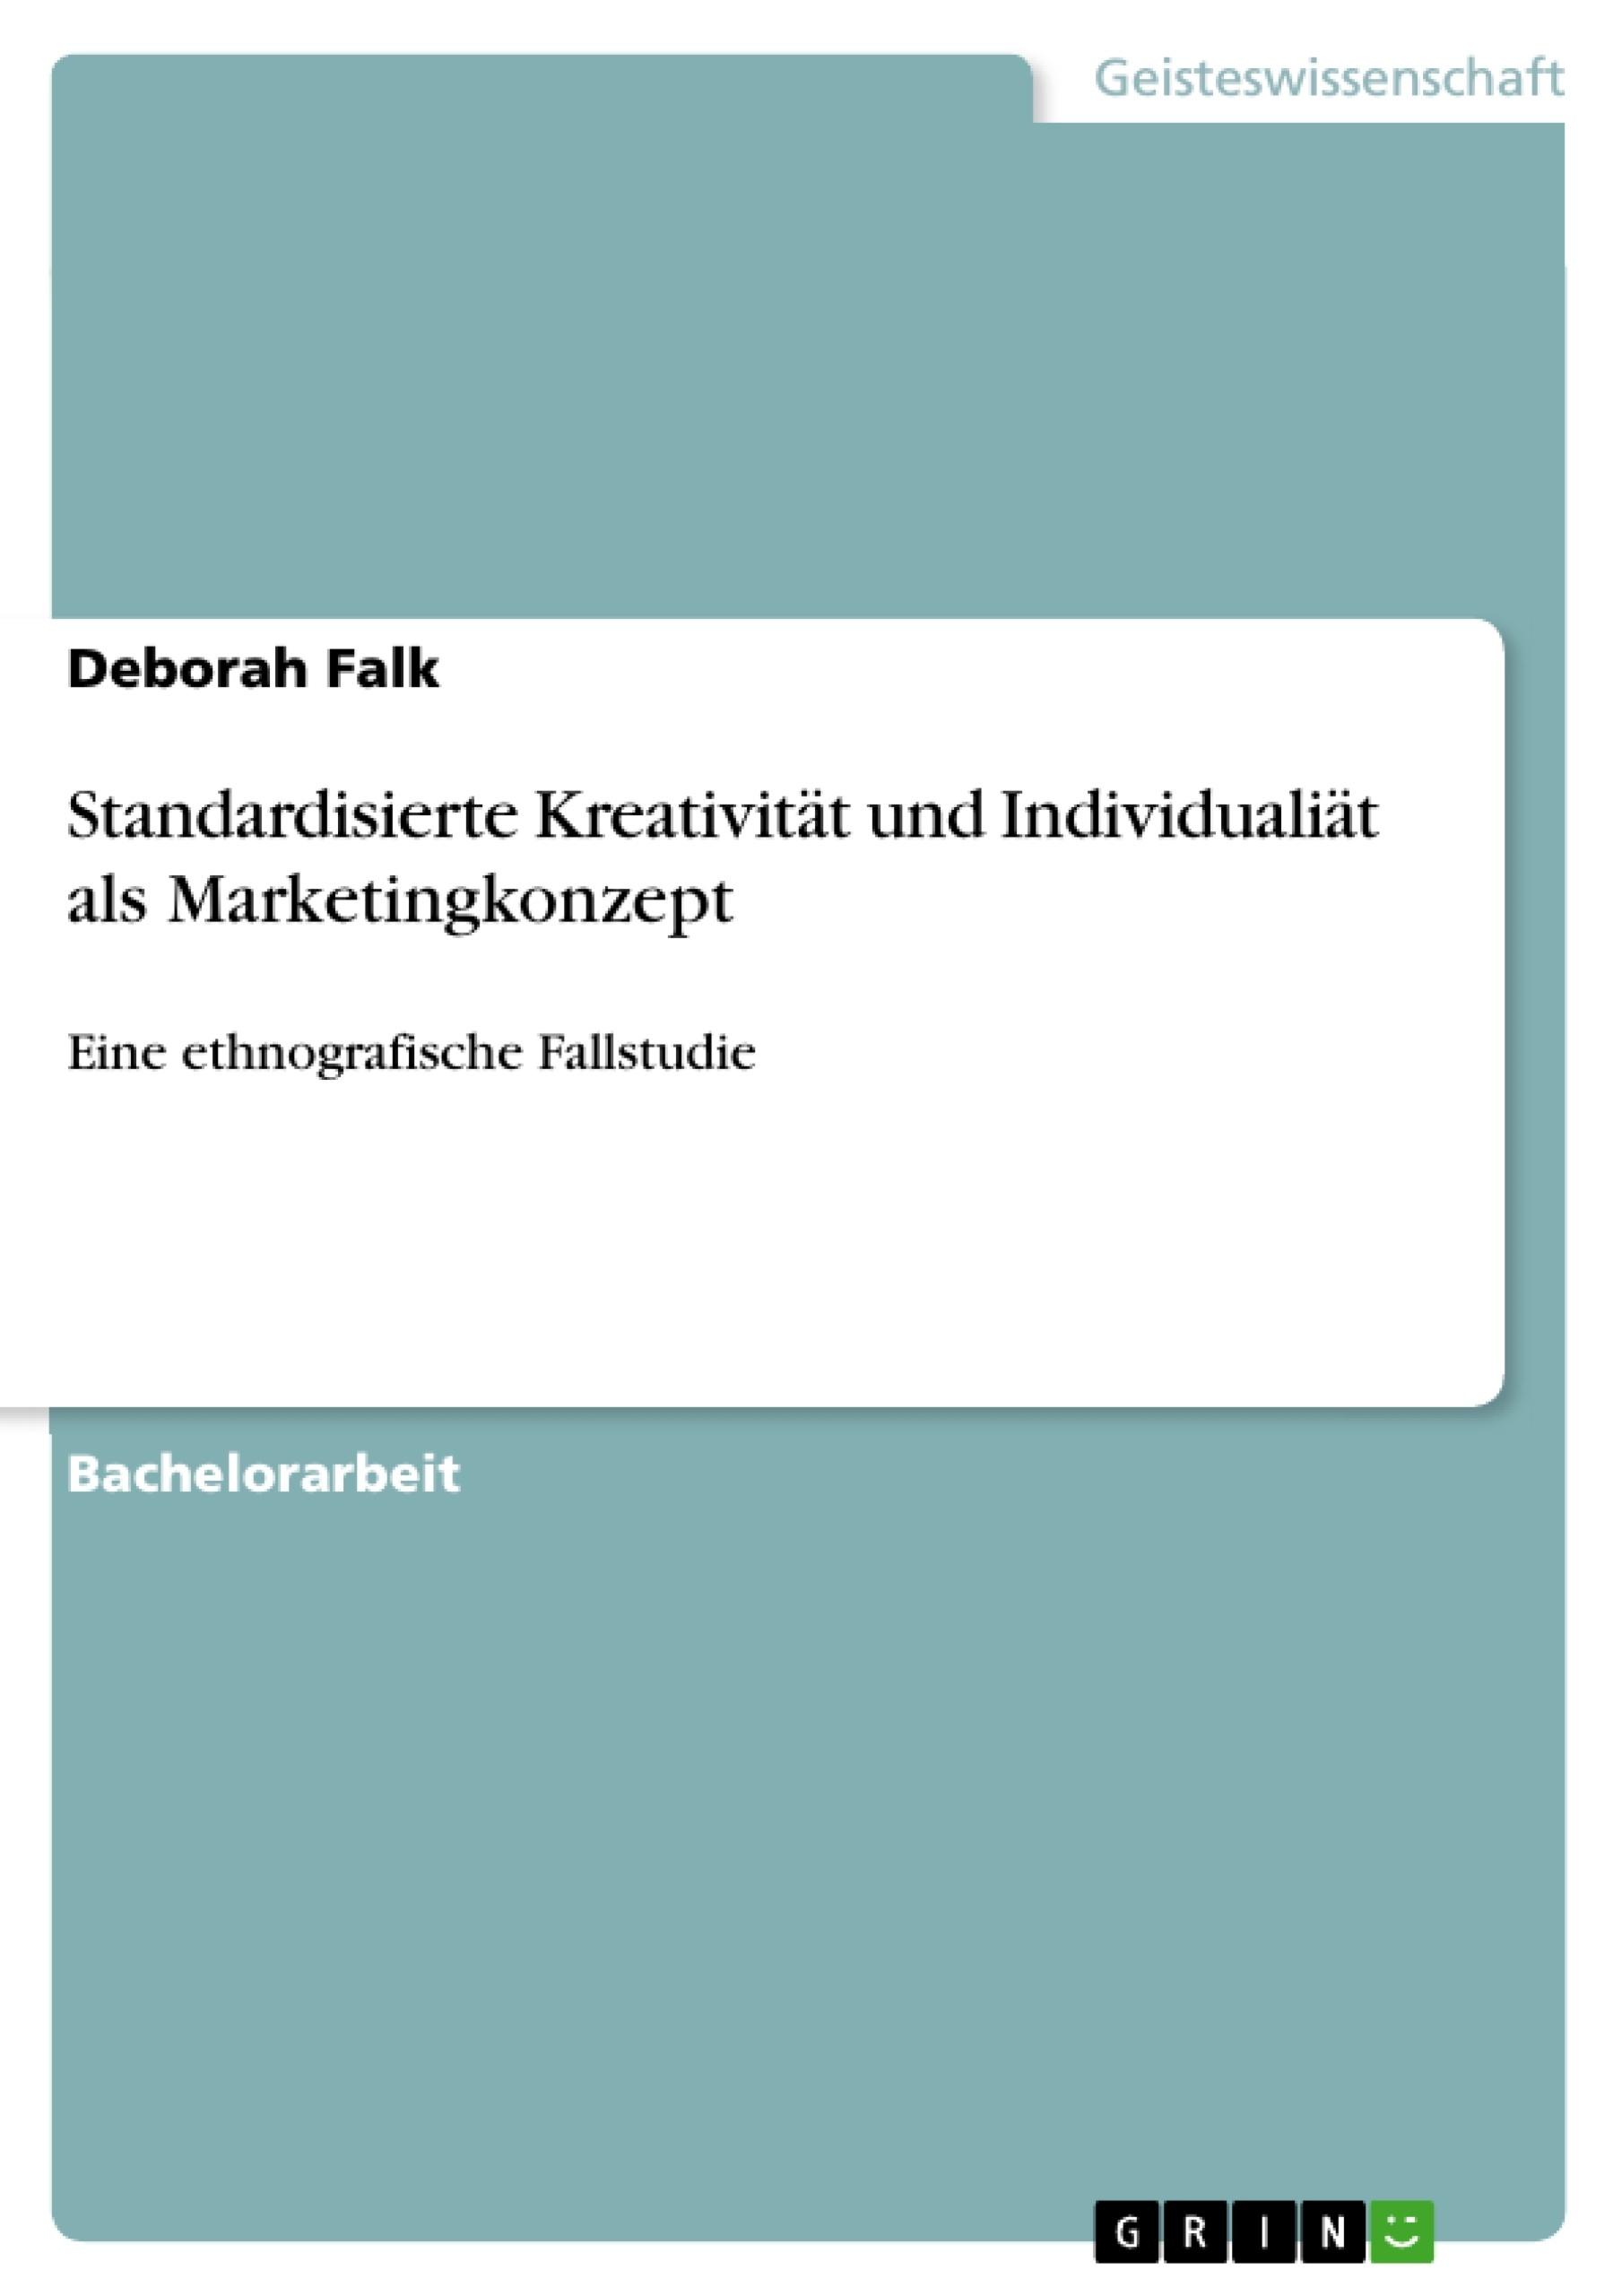 Titel: Standardisierte Kreativität und Individualiät als Marketingkonzept